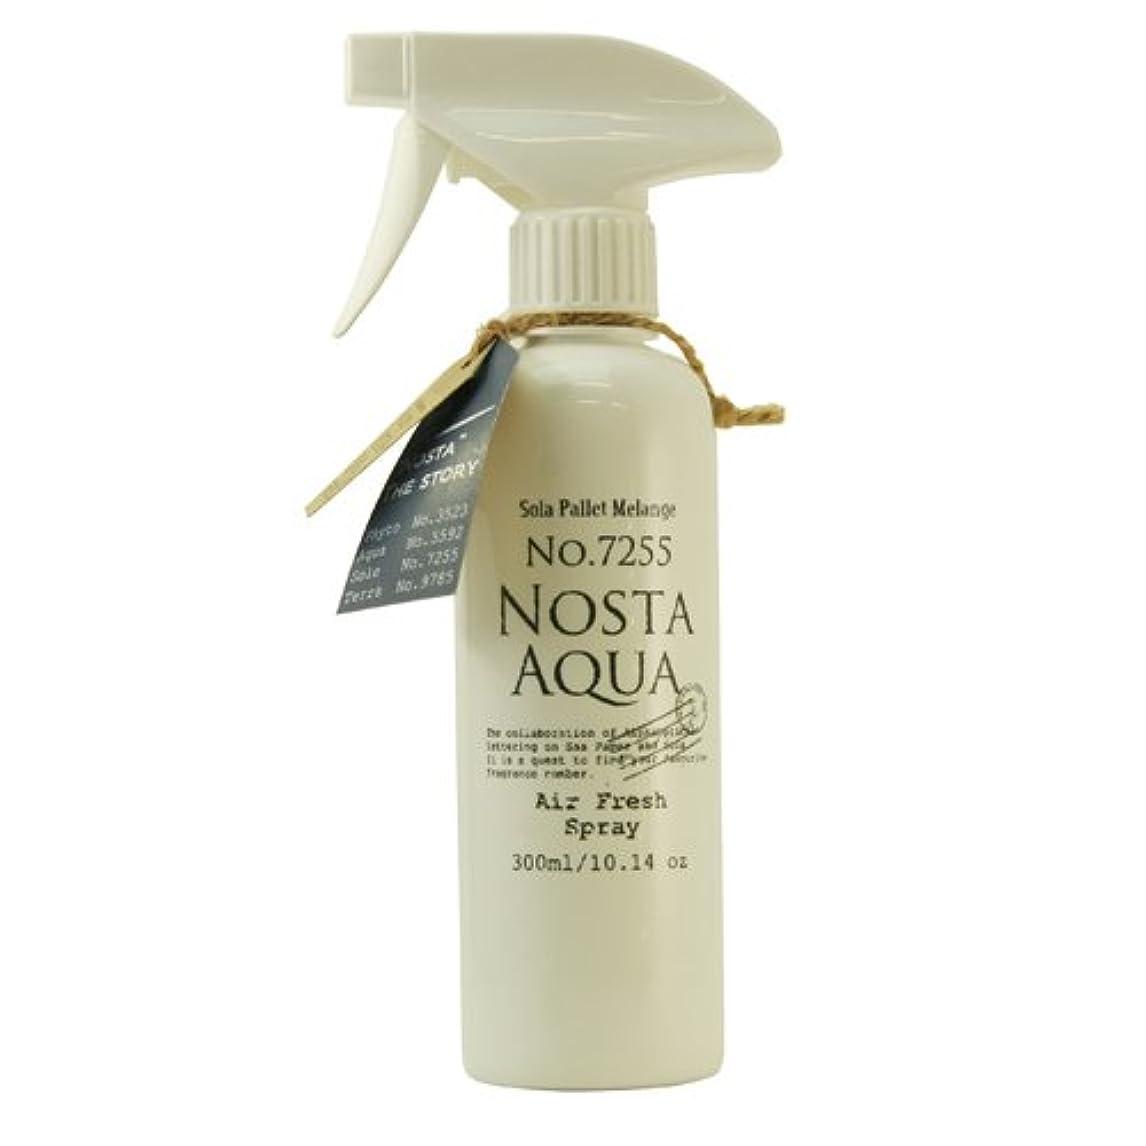 捕虜急性冷笑するNosta ノスタ Air Fresh Spray エアーフレッシュスプレー(ルームスプレー)Aqua アクア / 生命の起源